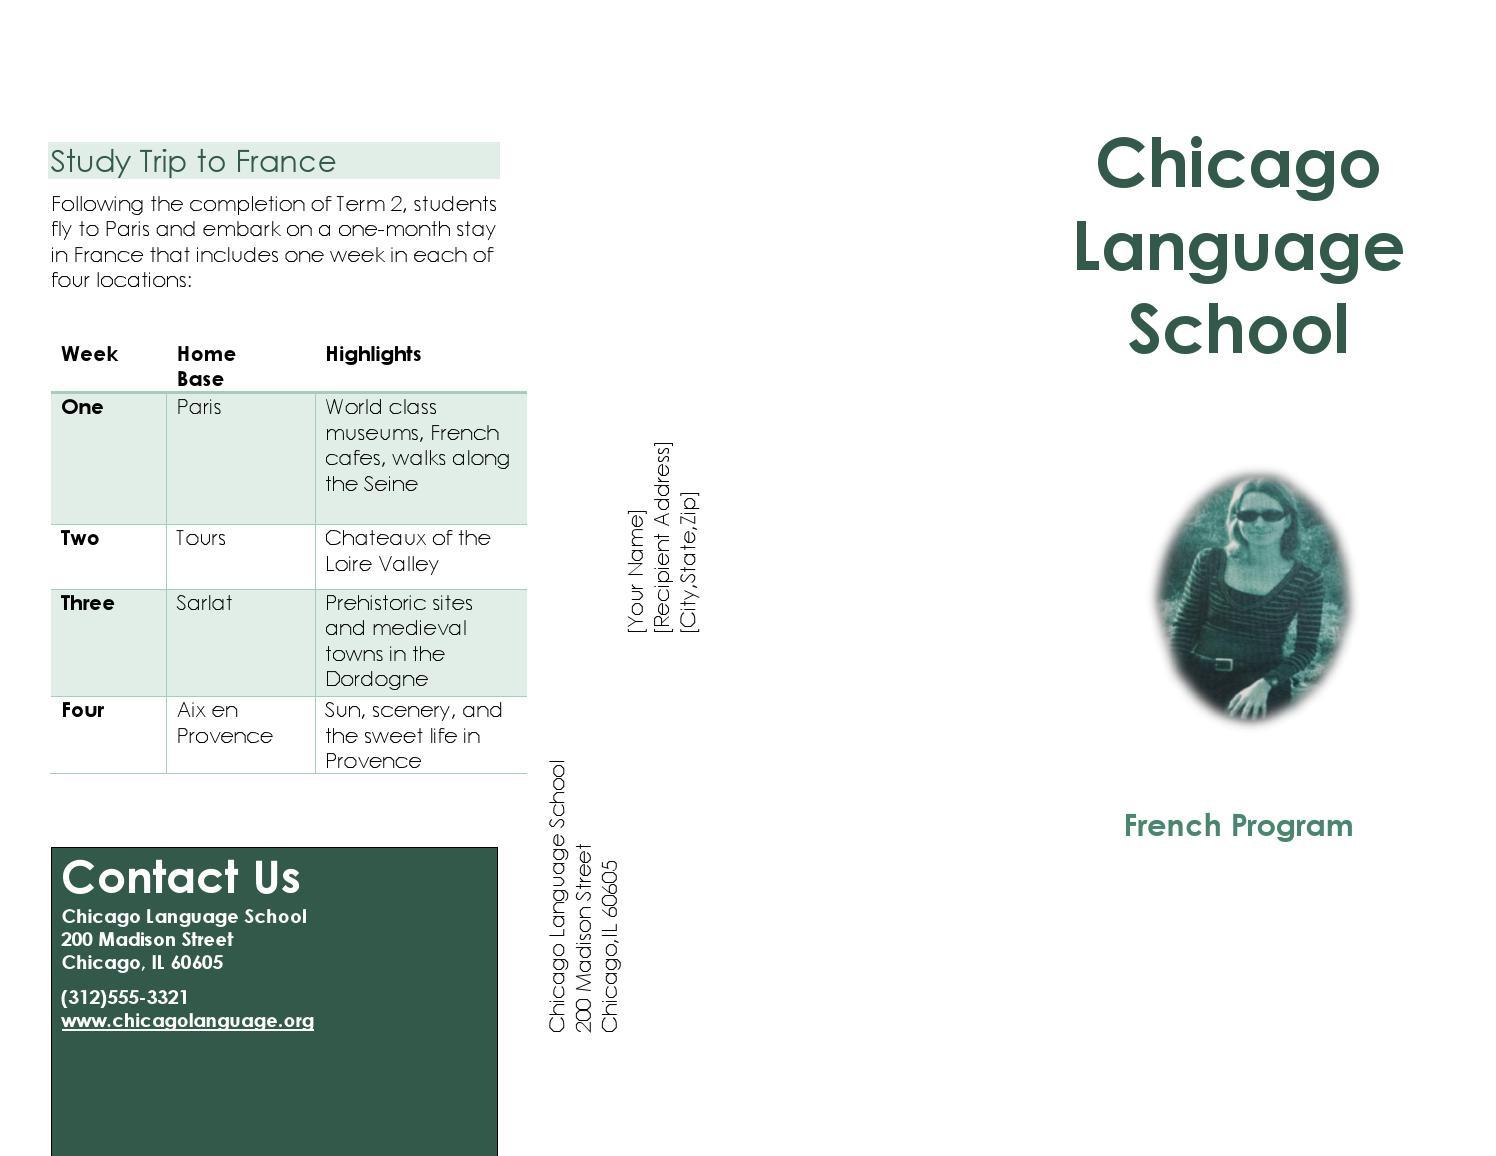 Pr b french language school brochure 2 by Asia McGill - issuu